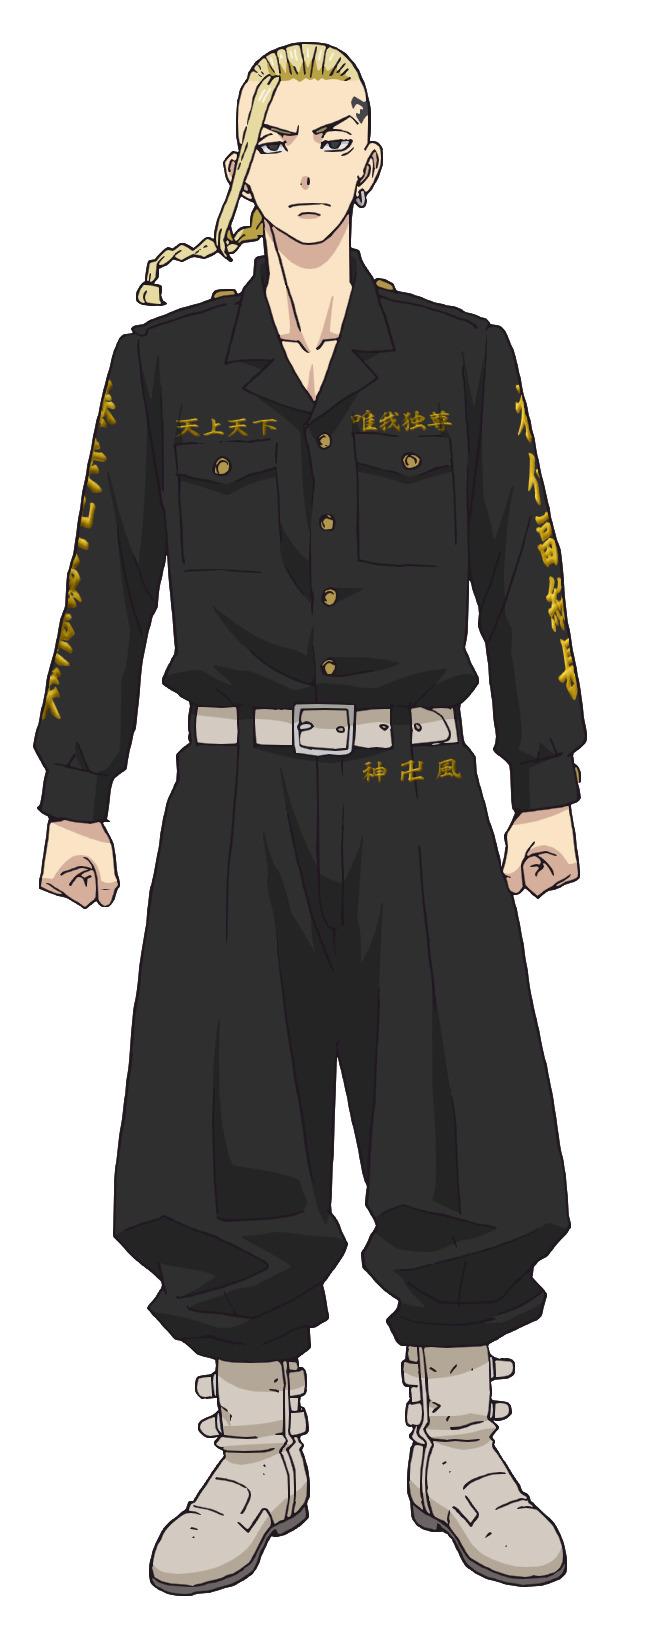 Un escenario de personajes de Ken Ryuguji, un delincuente juvenil con un dragón tatuado en su sien, del próximo anime de televisión Tokyo Revengers.